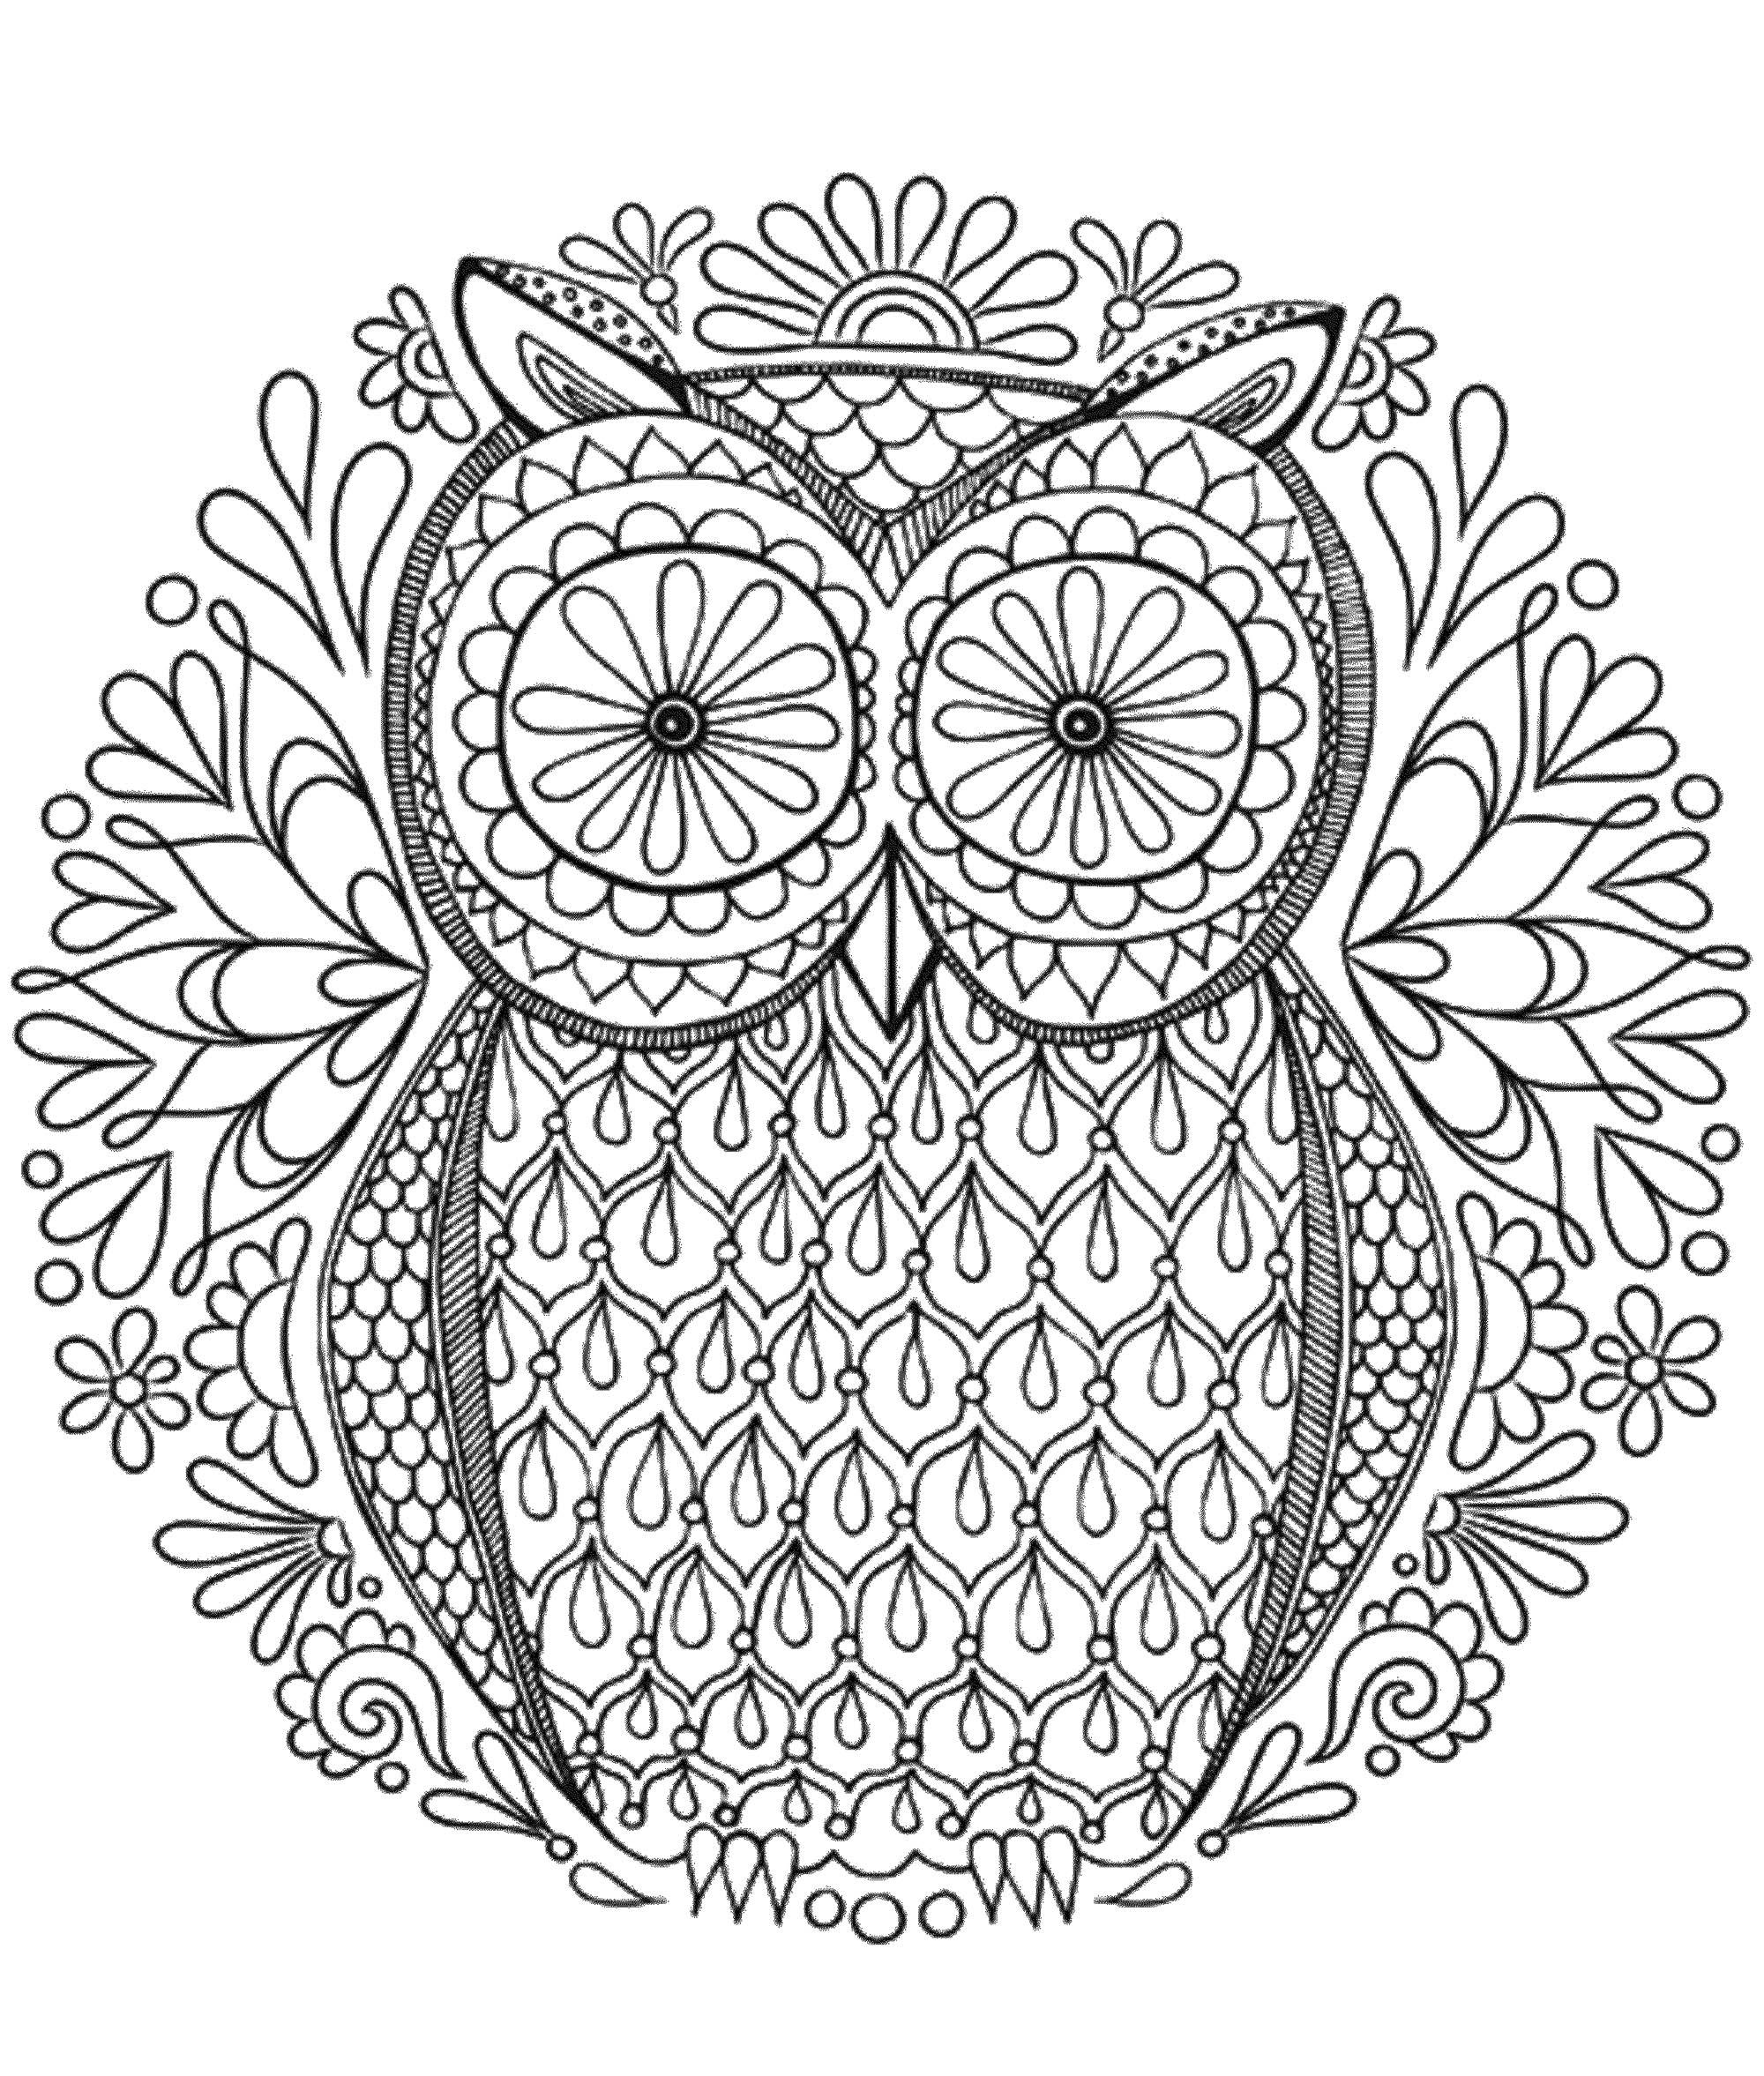 Ausgezeichnet Mandala Ideen - Druckbare Malvorlagen - helmymaher.com